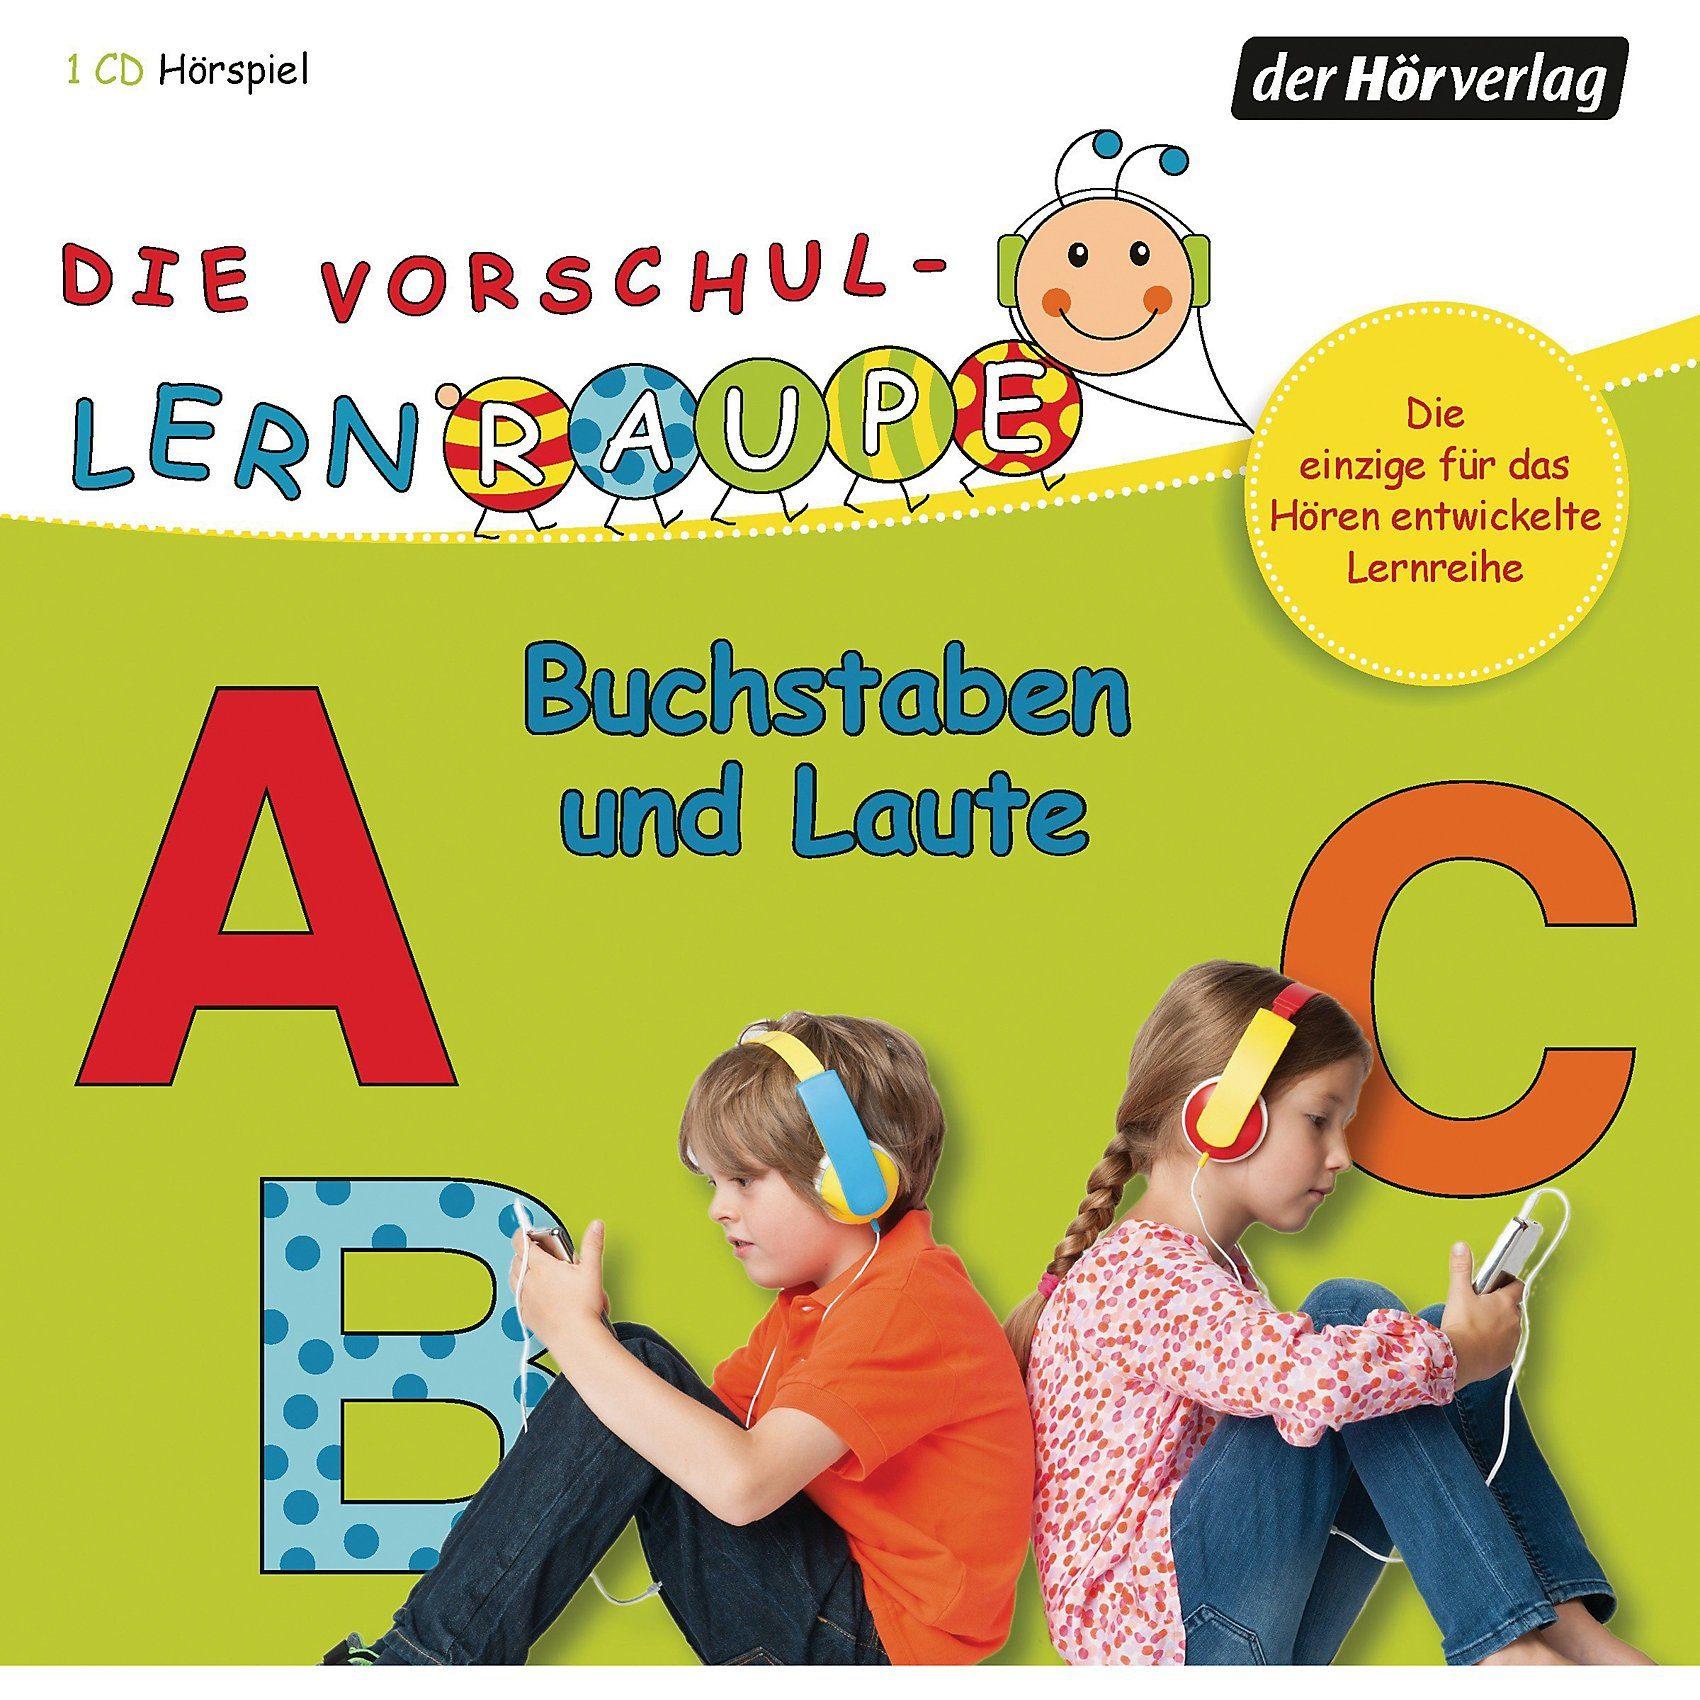 Edel CD Die Vorschul-Lernraupe: Buchstaben und Laute